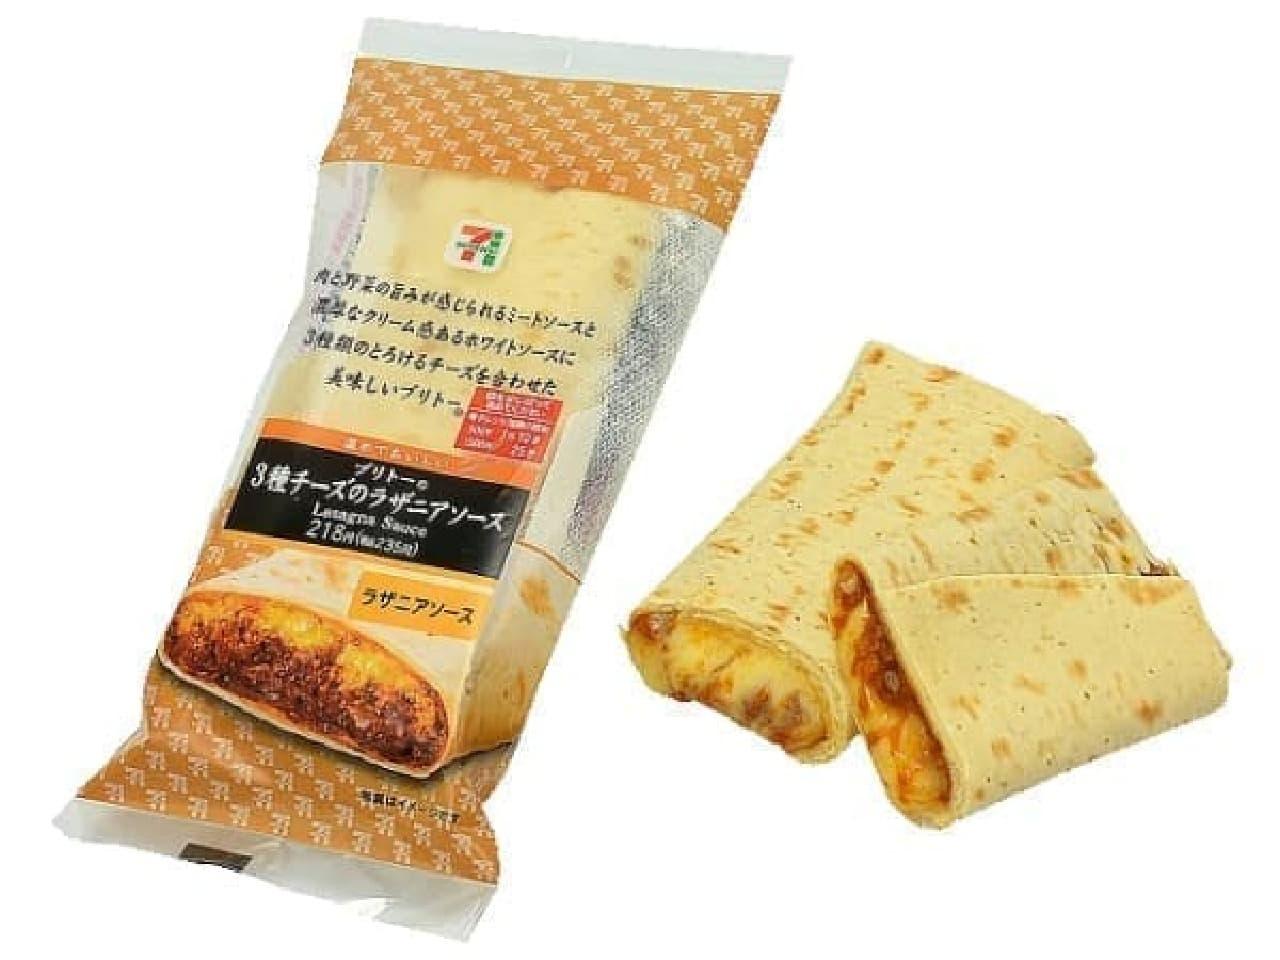 セブン-イレブン「ブリトー3種チーズのラザニアソース」